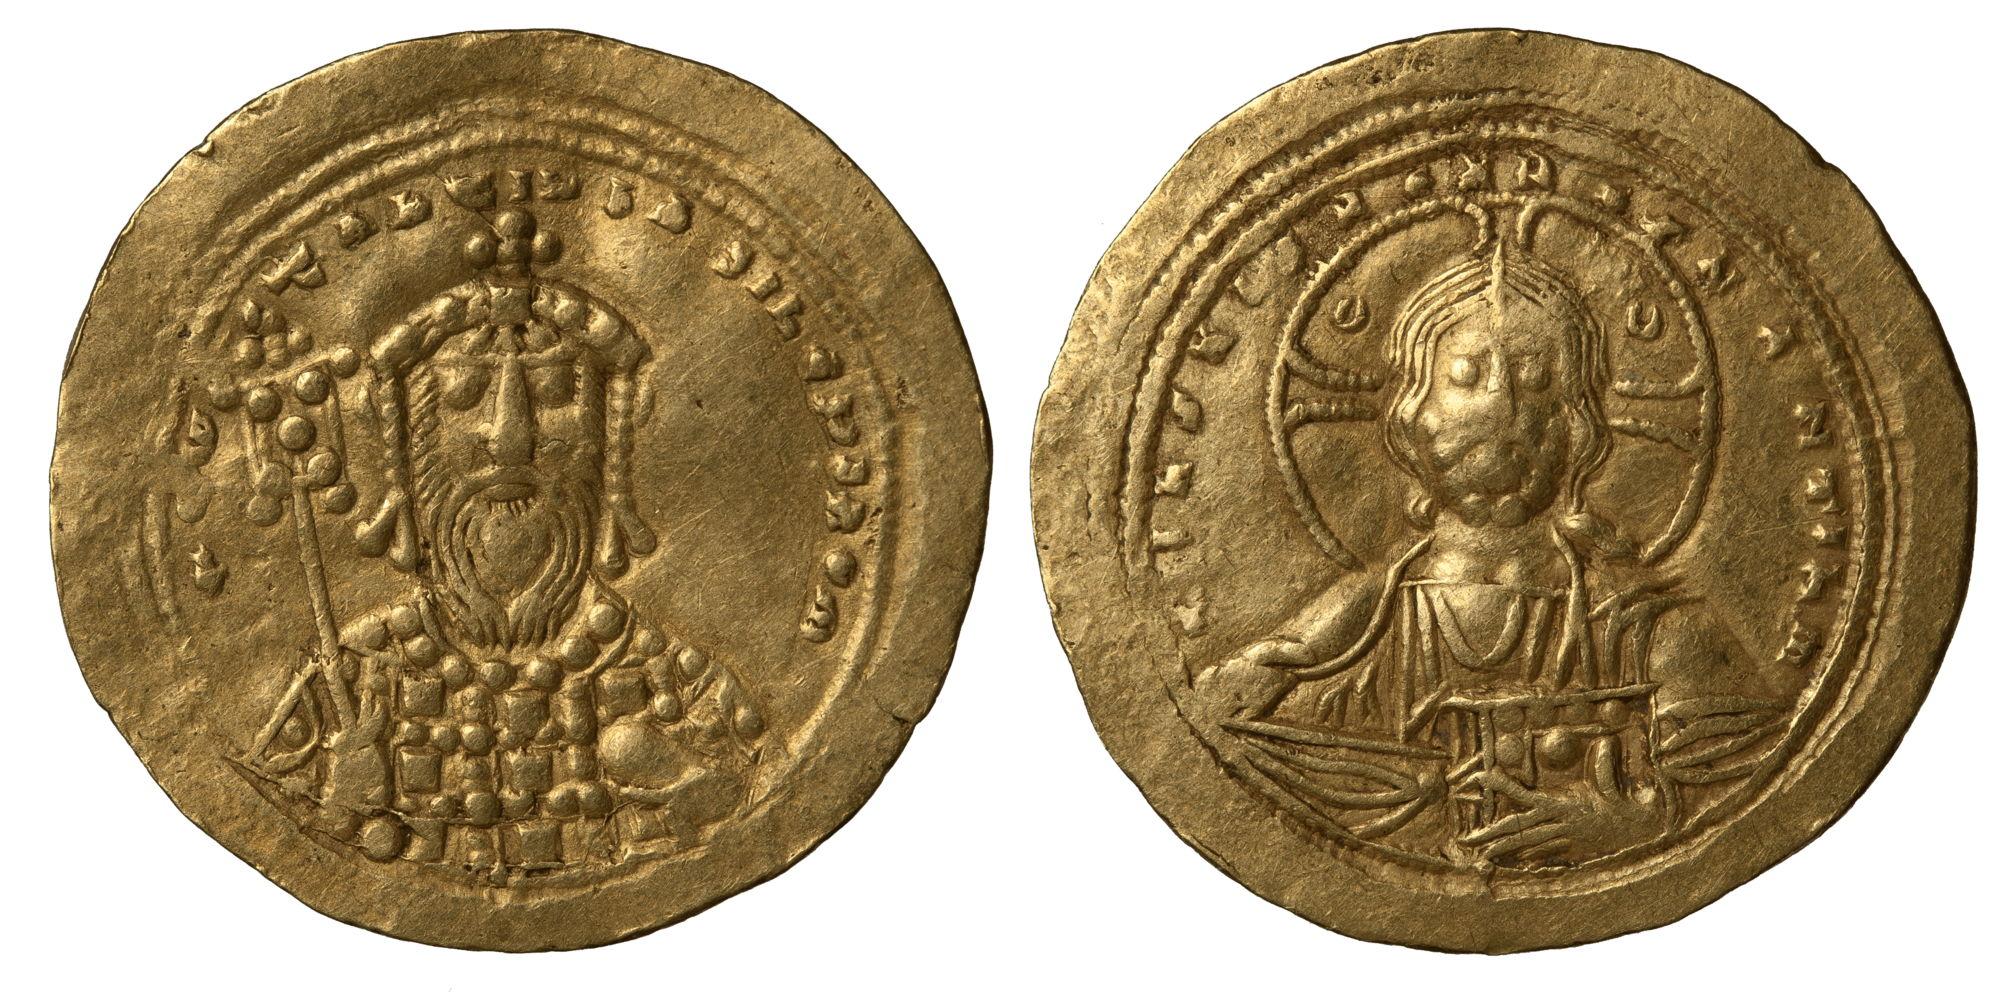 Византия. Константин VIII (1025–1028). Гистаменон. На головном уборе императора, изображённого на лицевой стороне, хорошо различимы пендилии, прикреплённые к венцу по обе стороны.